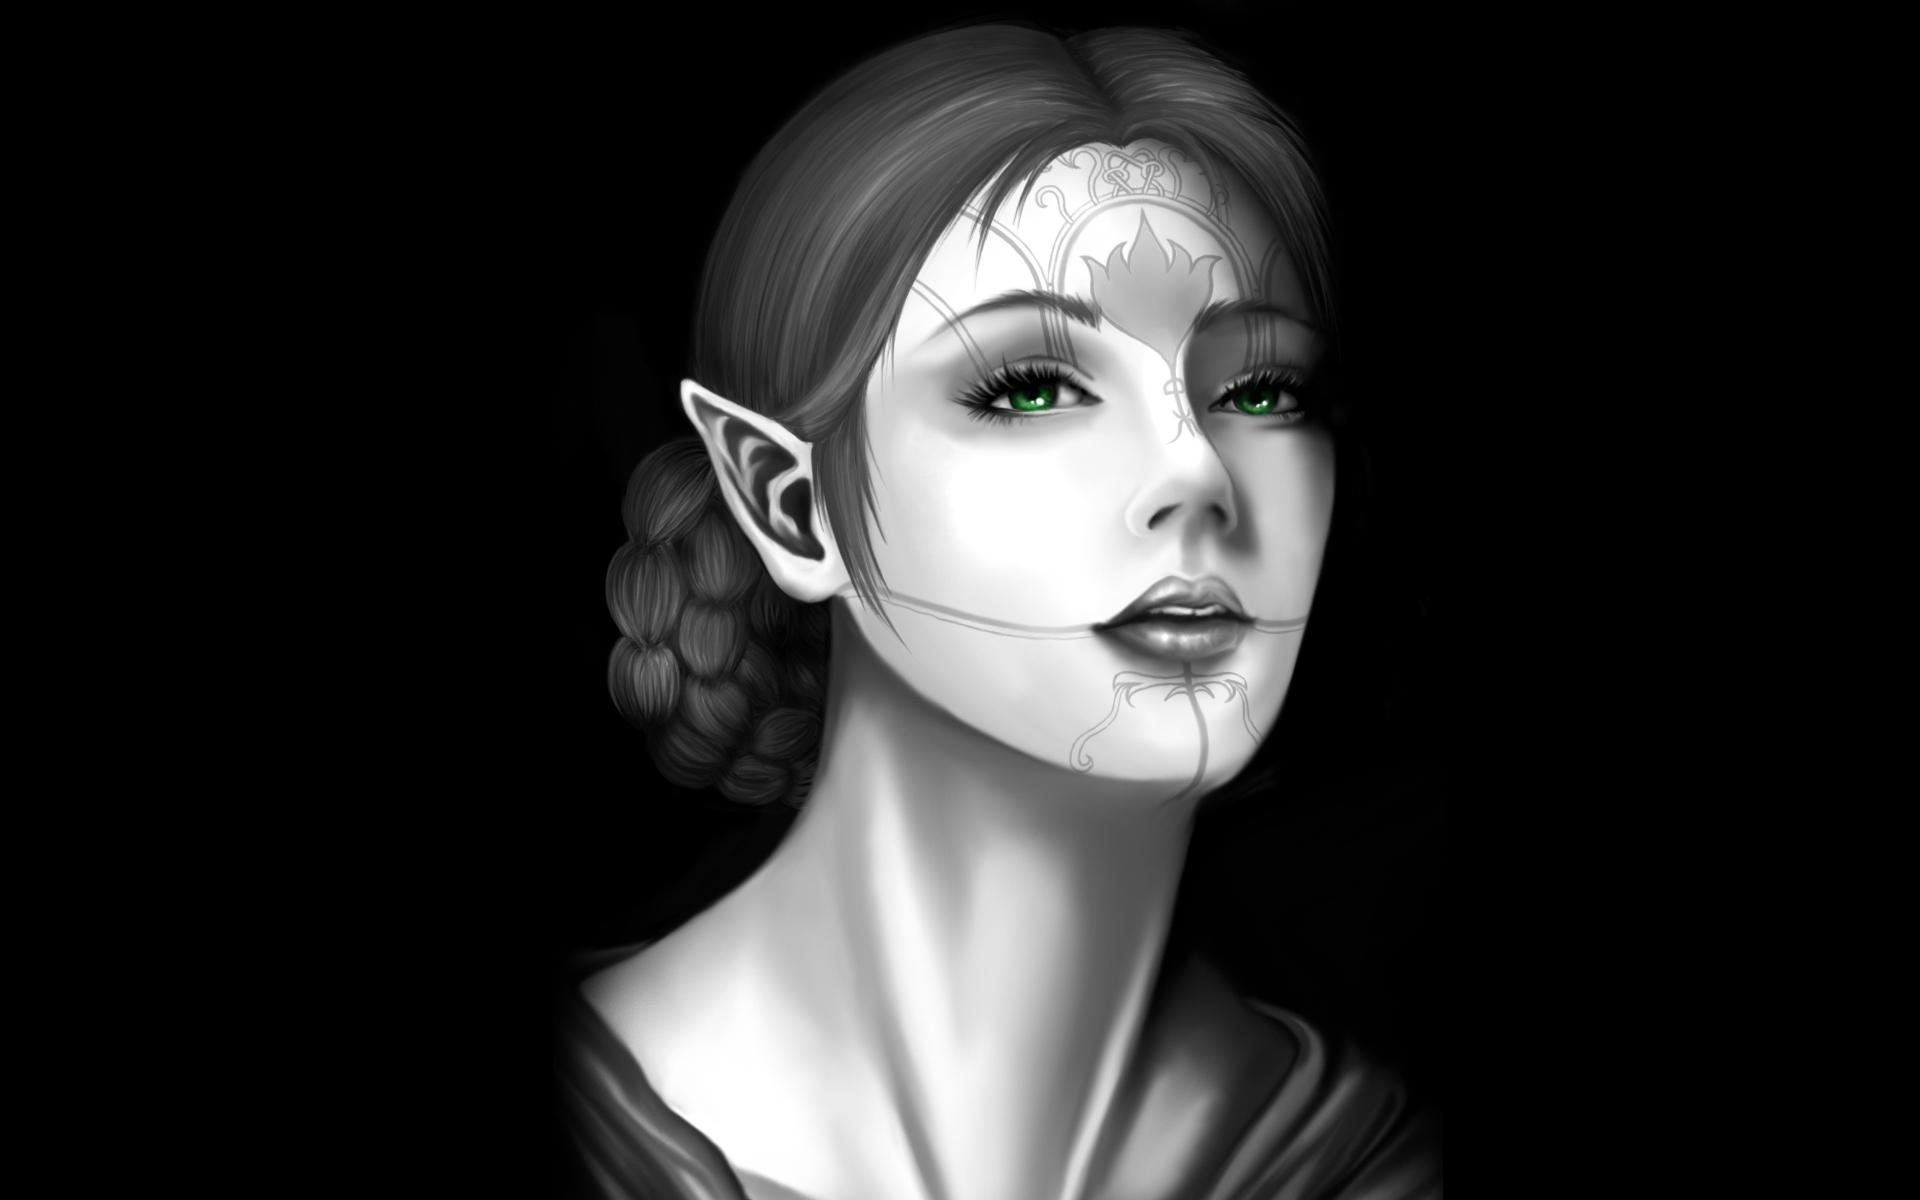 девушка эльфийка